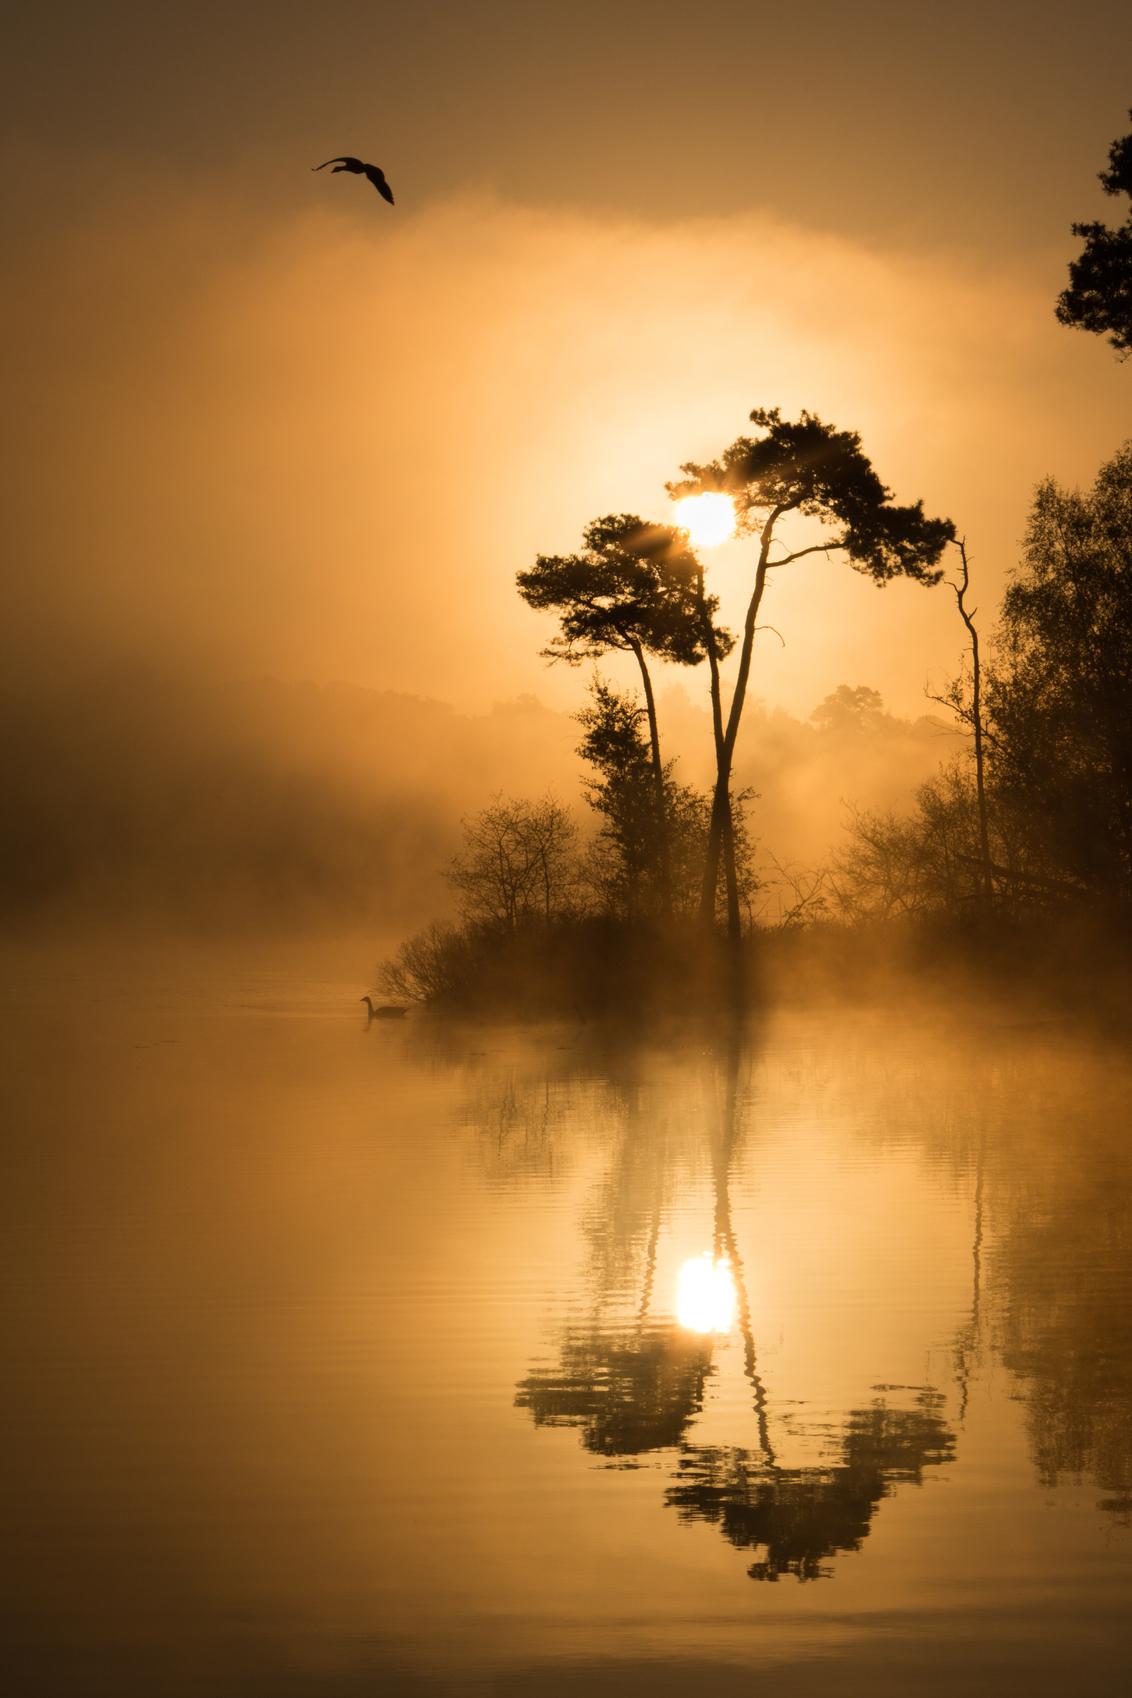 gouden gloed - koningsdag 2017 heb ik bewust de drukte ontvlucht in Tilburg en ben ik gaan genieten van de natuur in de Oisterwijkse vennen.  Heerlijk op een bankj - foto door tirsje op 25-05-2017 - deze foto bevat: lucht, water, lente, natuur, vogels, licht, spiegeling, reflectie, landschap, mist, bos, nevel, tegenlicht, zonsopkomst, bomen, meer, nederland, ven, vennen, monochroom, Noord Brabant, canon70d, nederlandwaterland